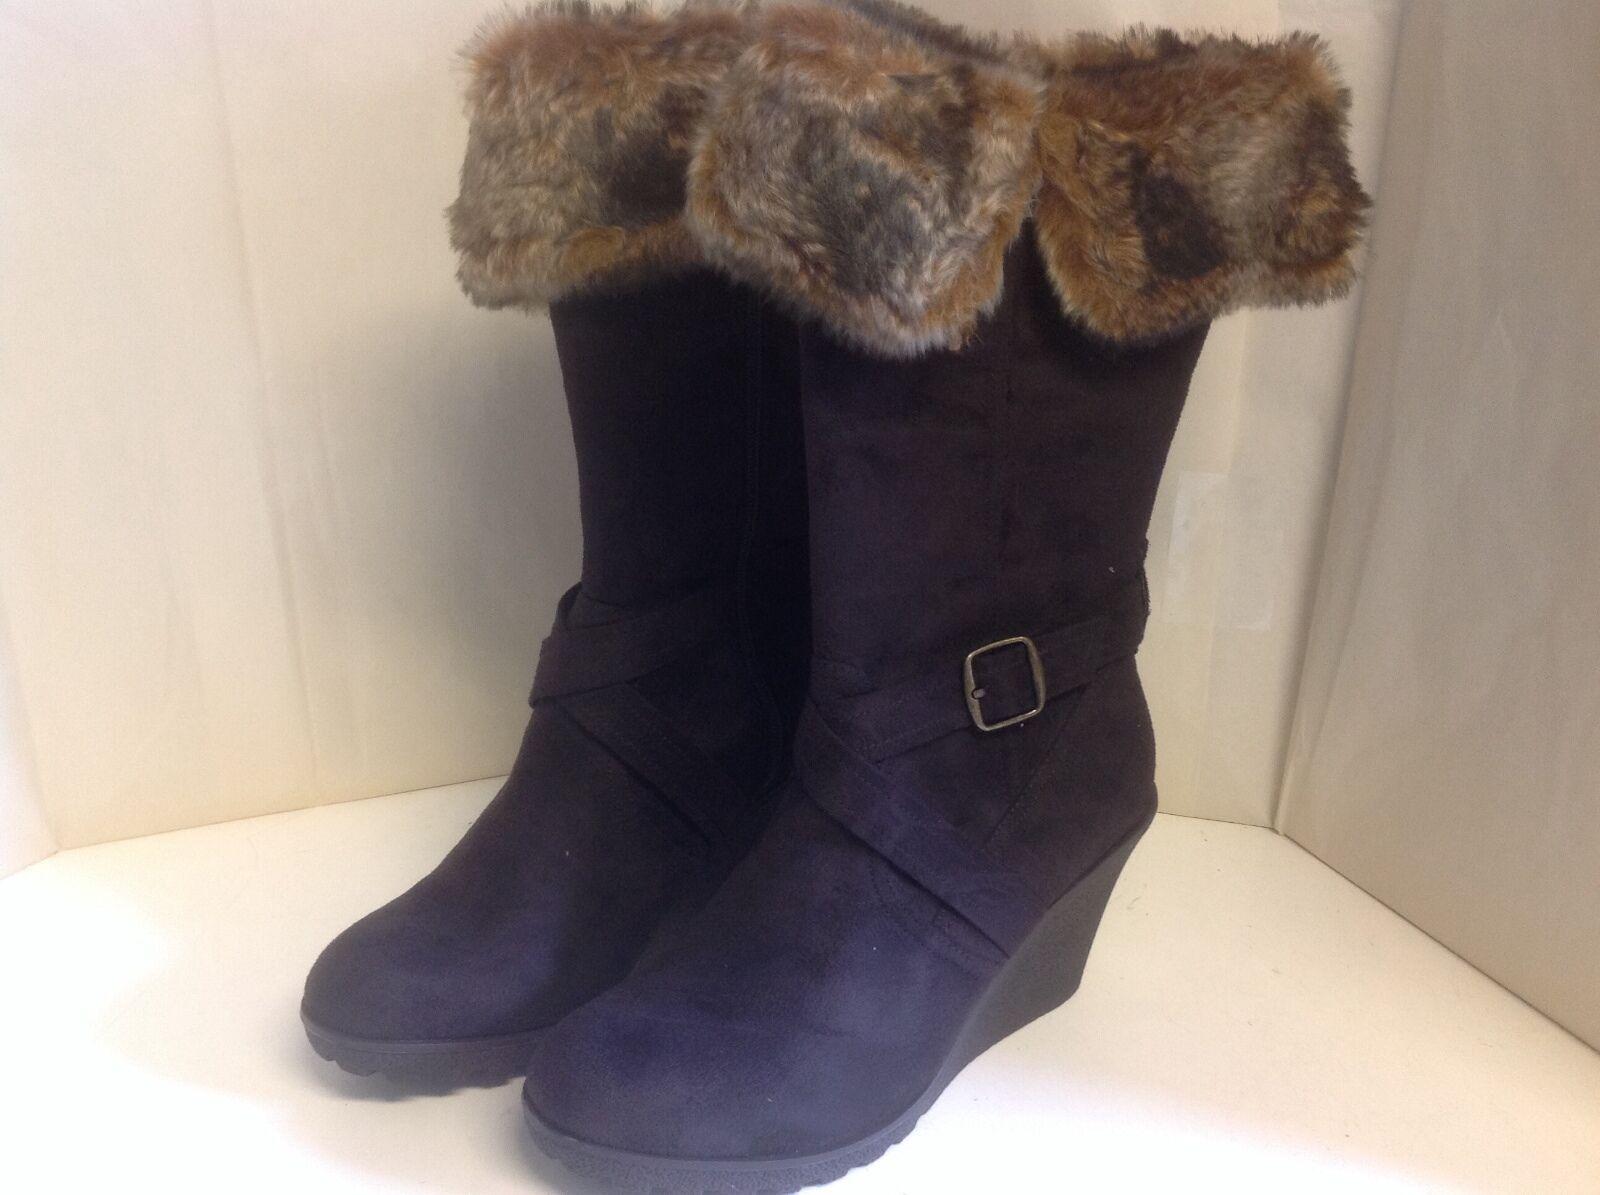 Xoxo Footwear Olvia Wildleder Stiefel Keilabsatz 9 M Reißverschluss Seitlich